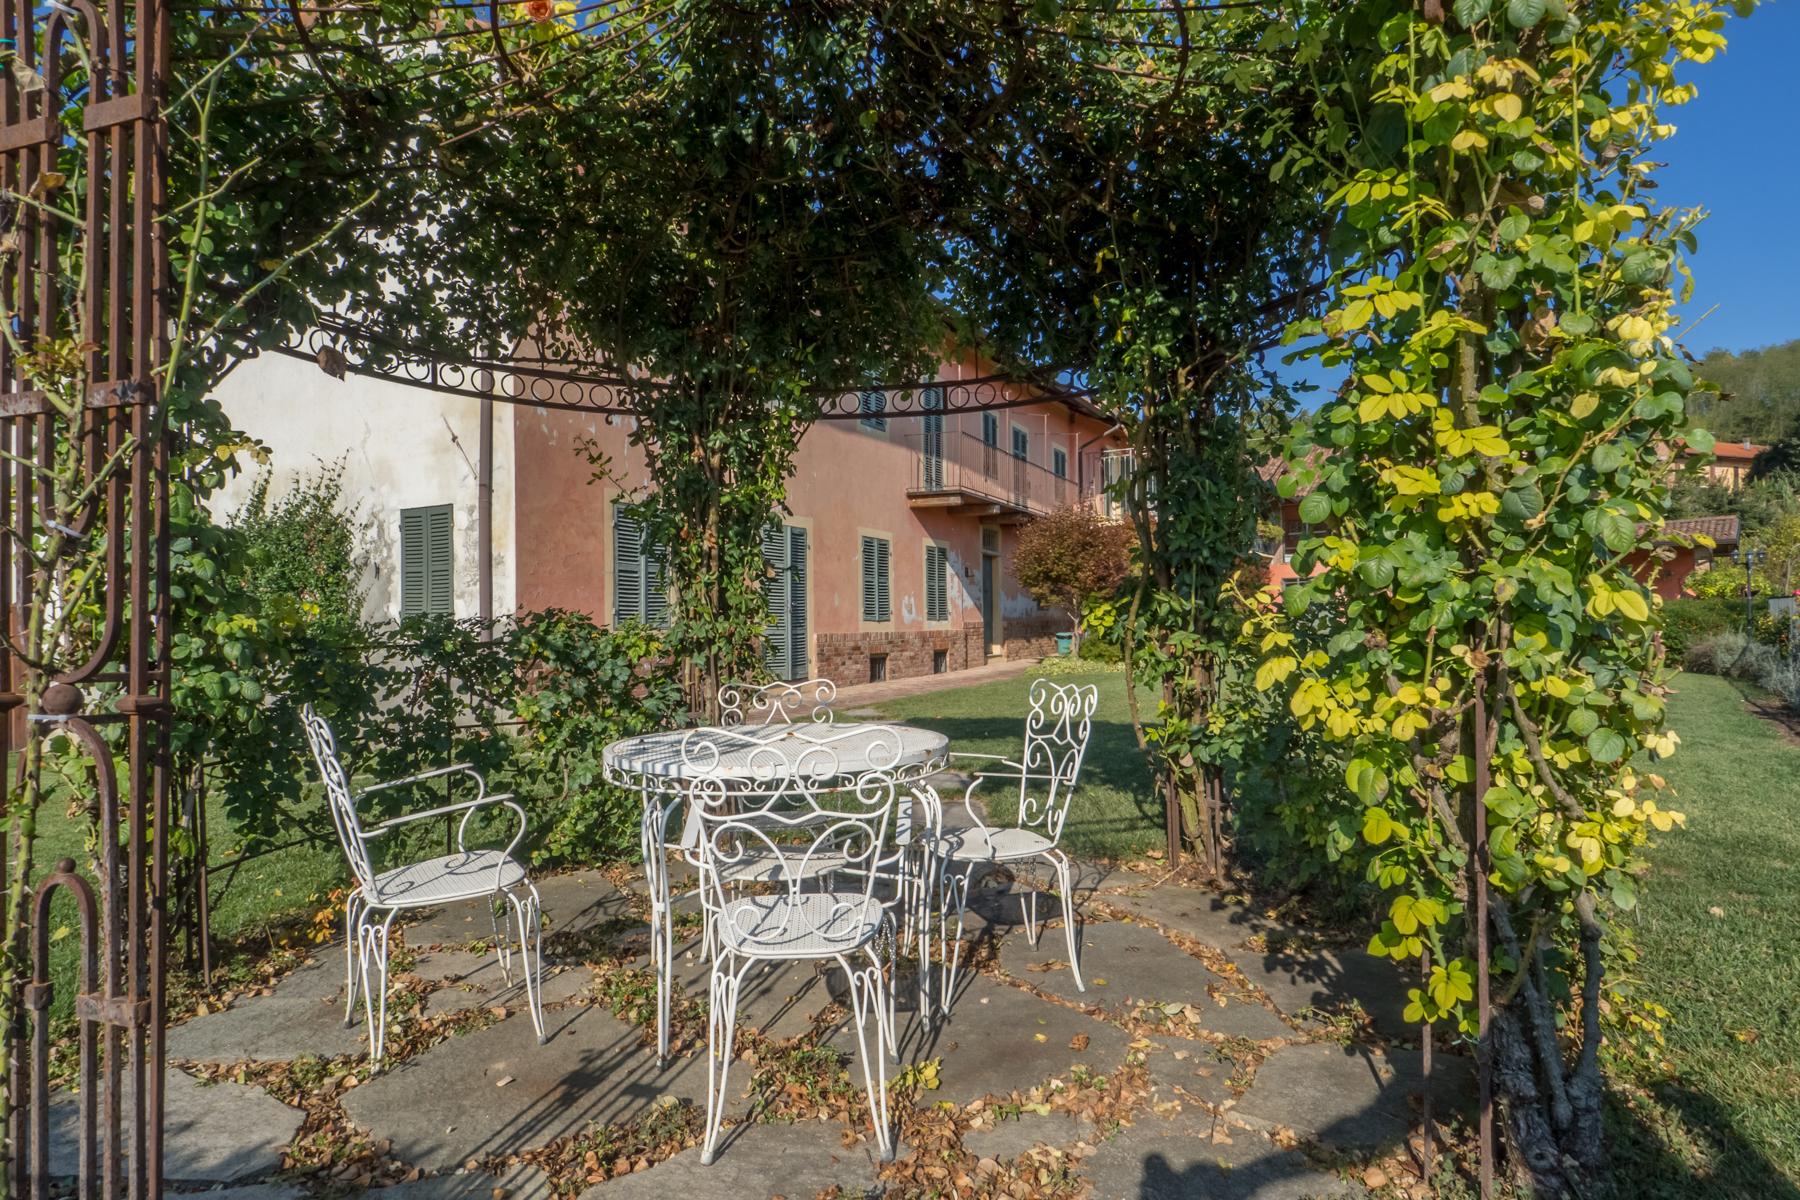 Rustico in Vendita a Montemagno: 5 locali, 2000 mq - Foto 27